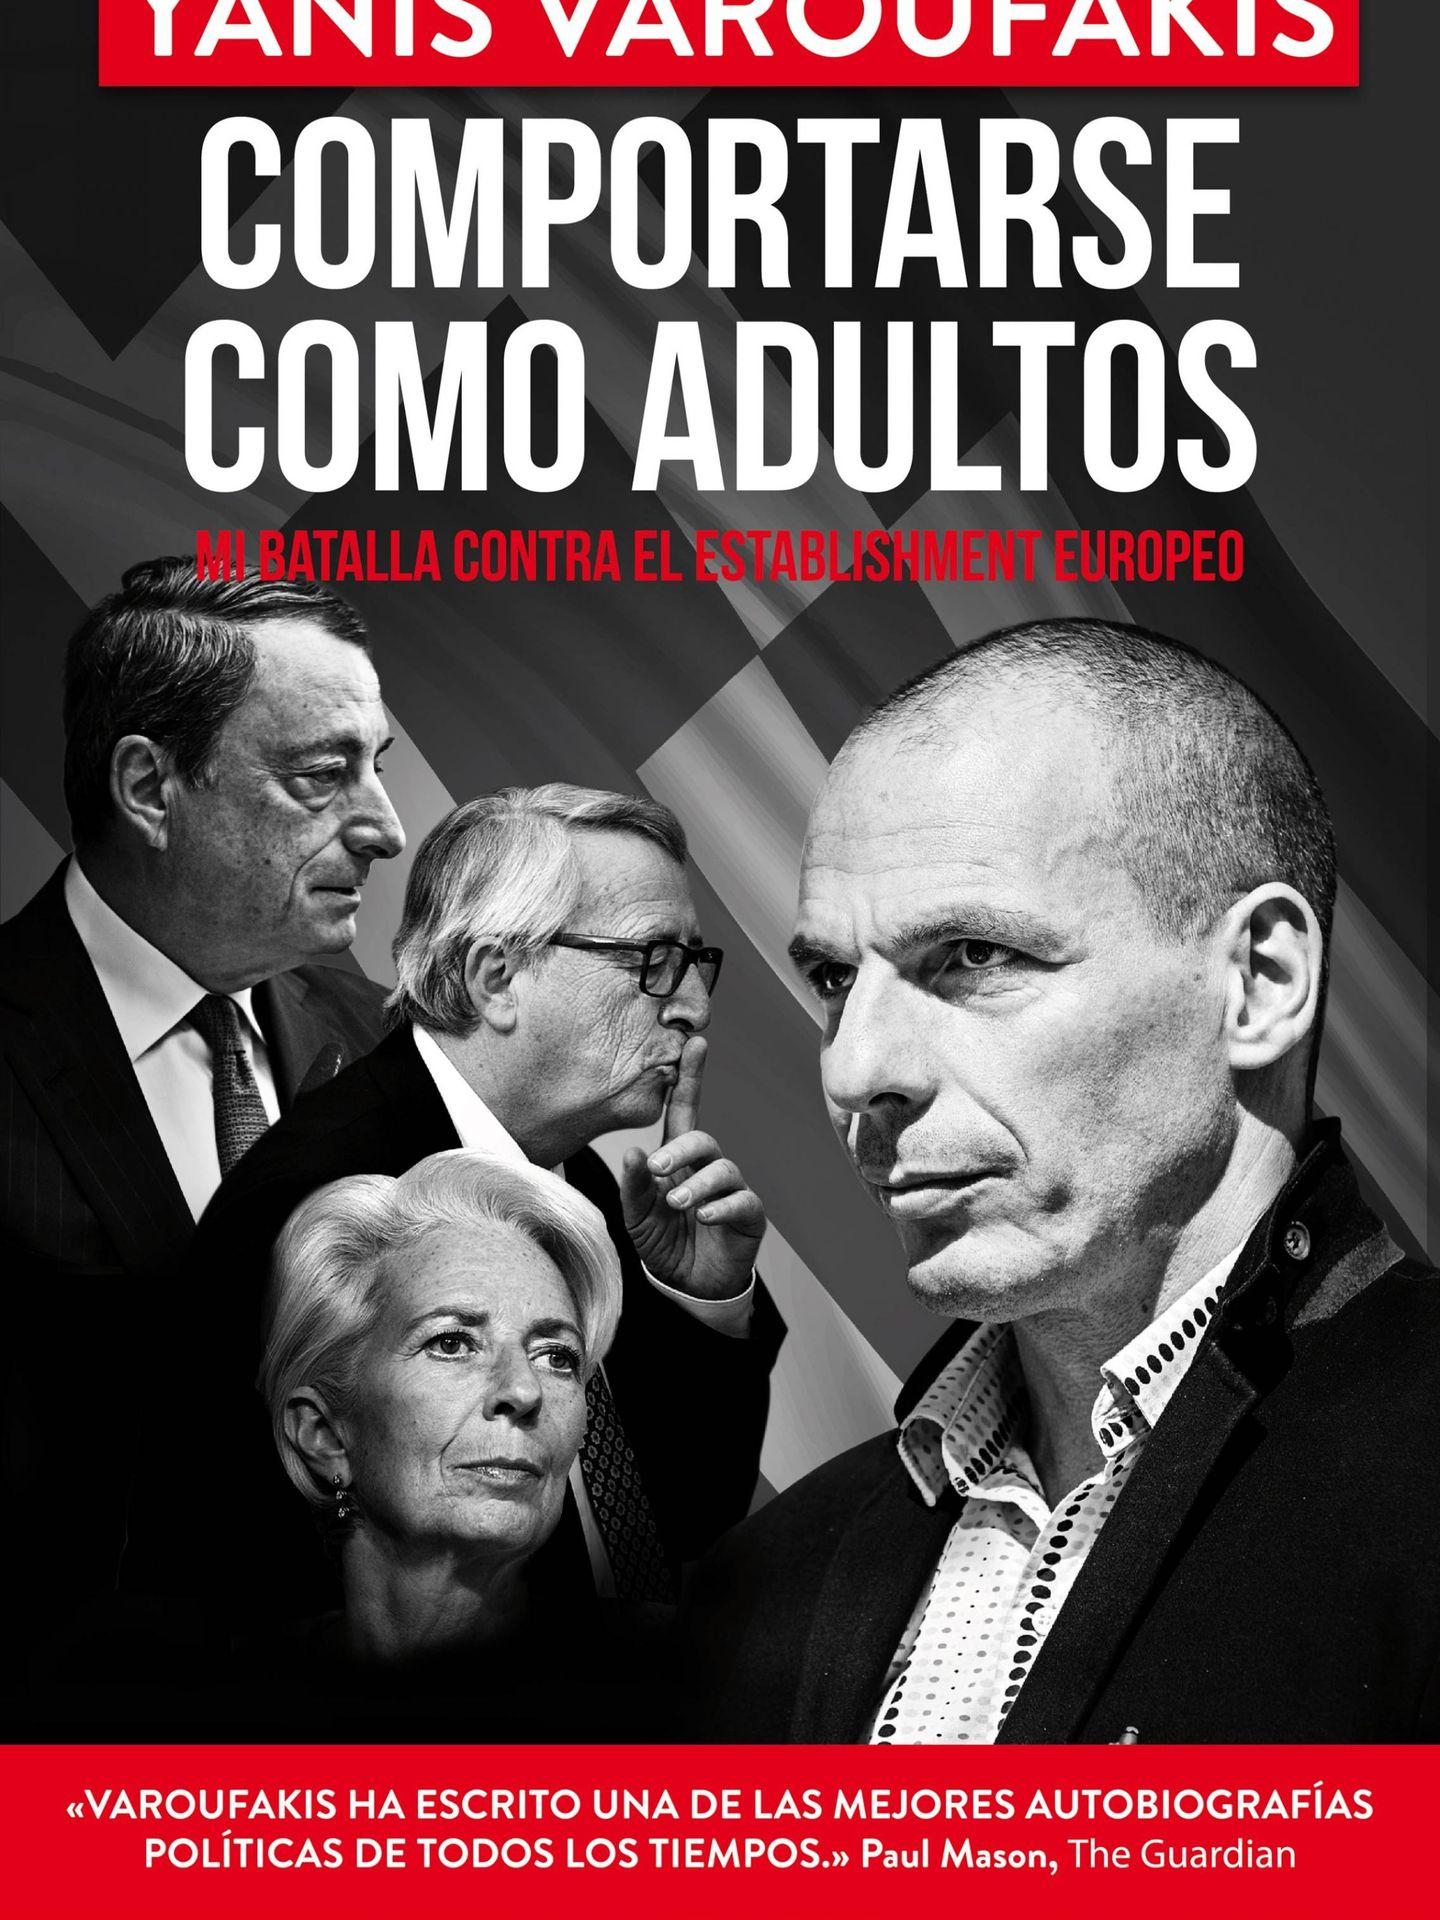 Portada del libro de Yanis Varoufakis.